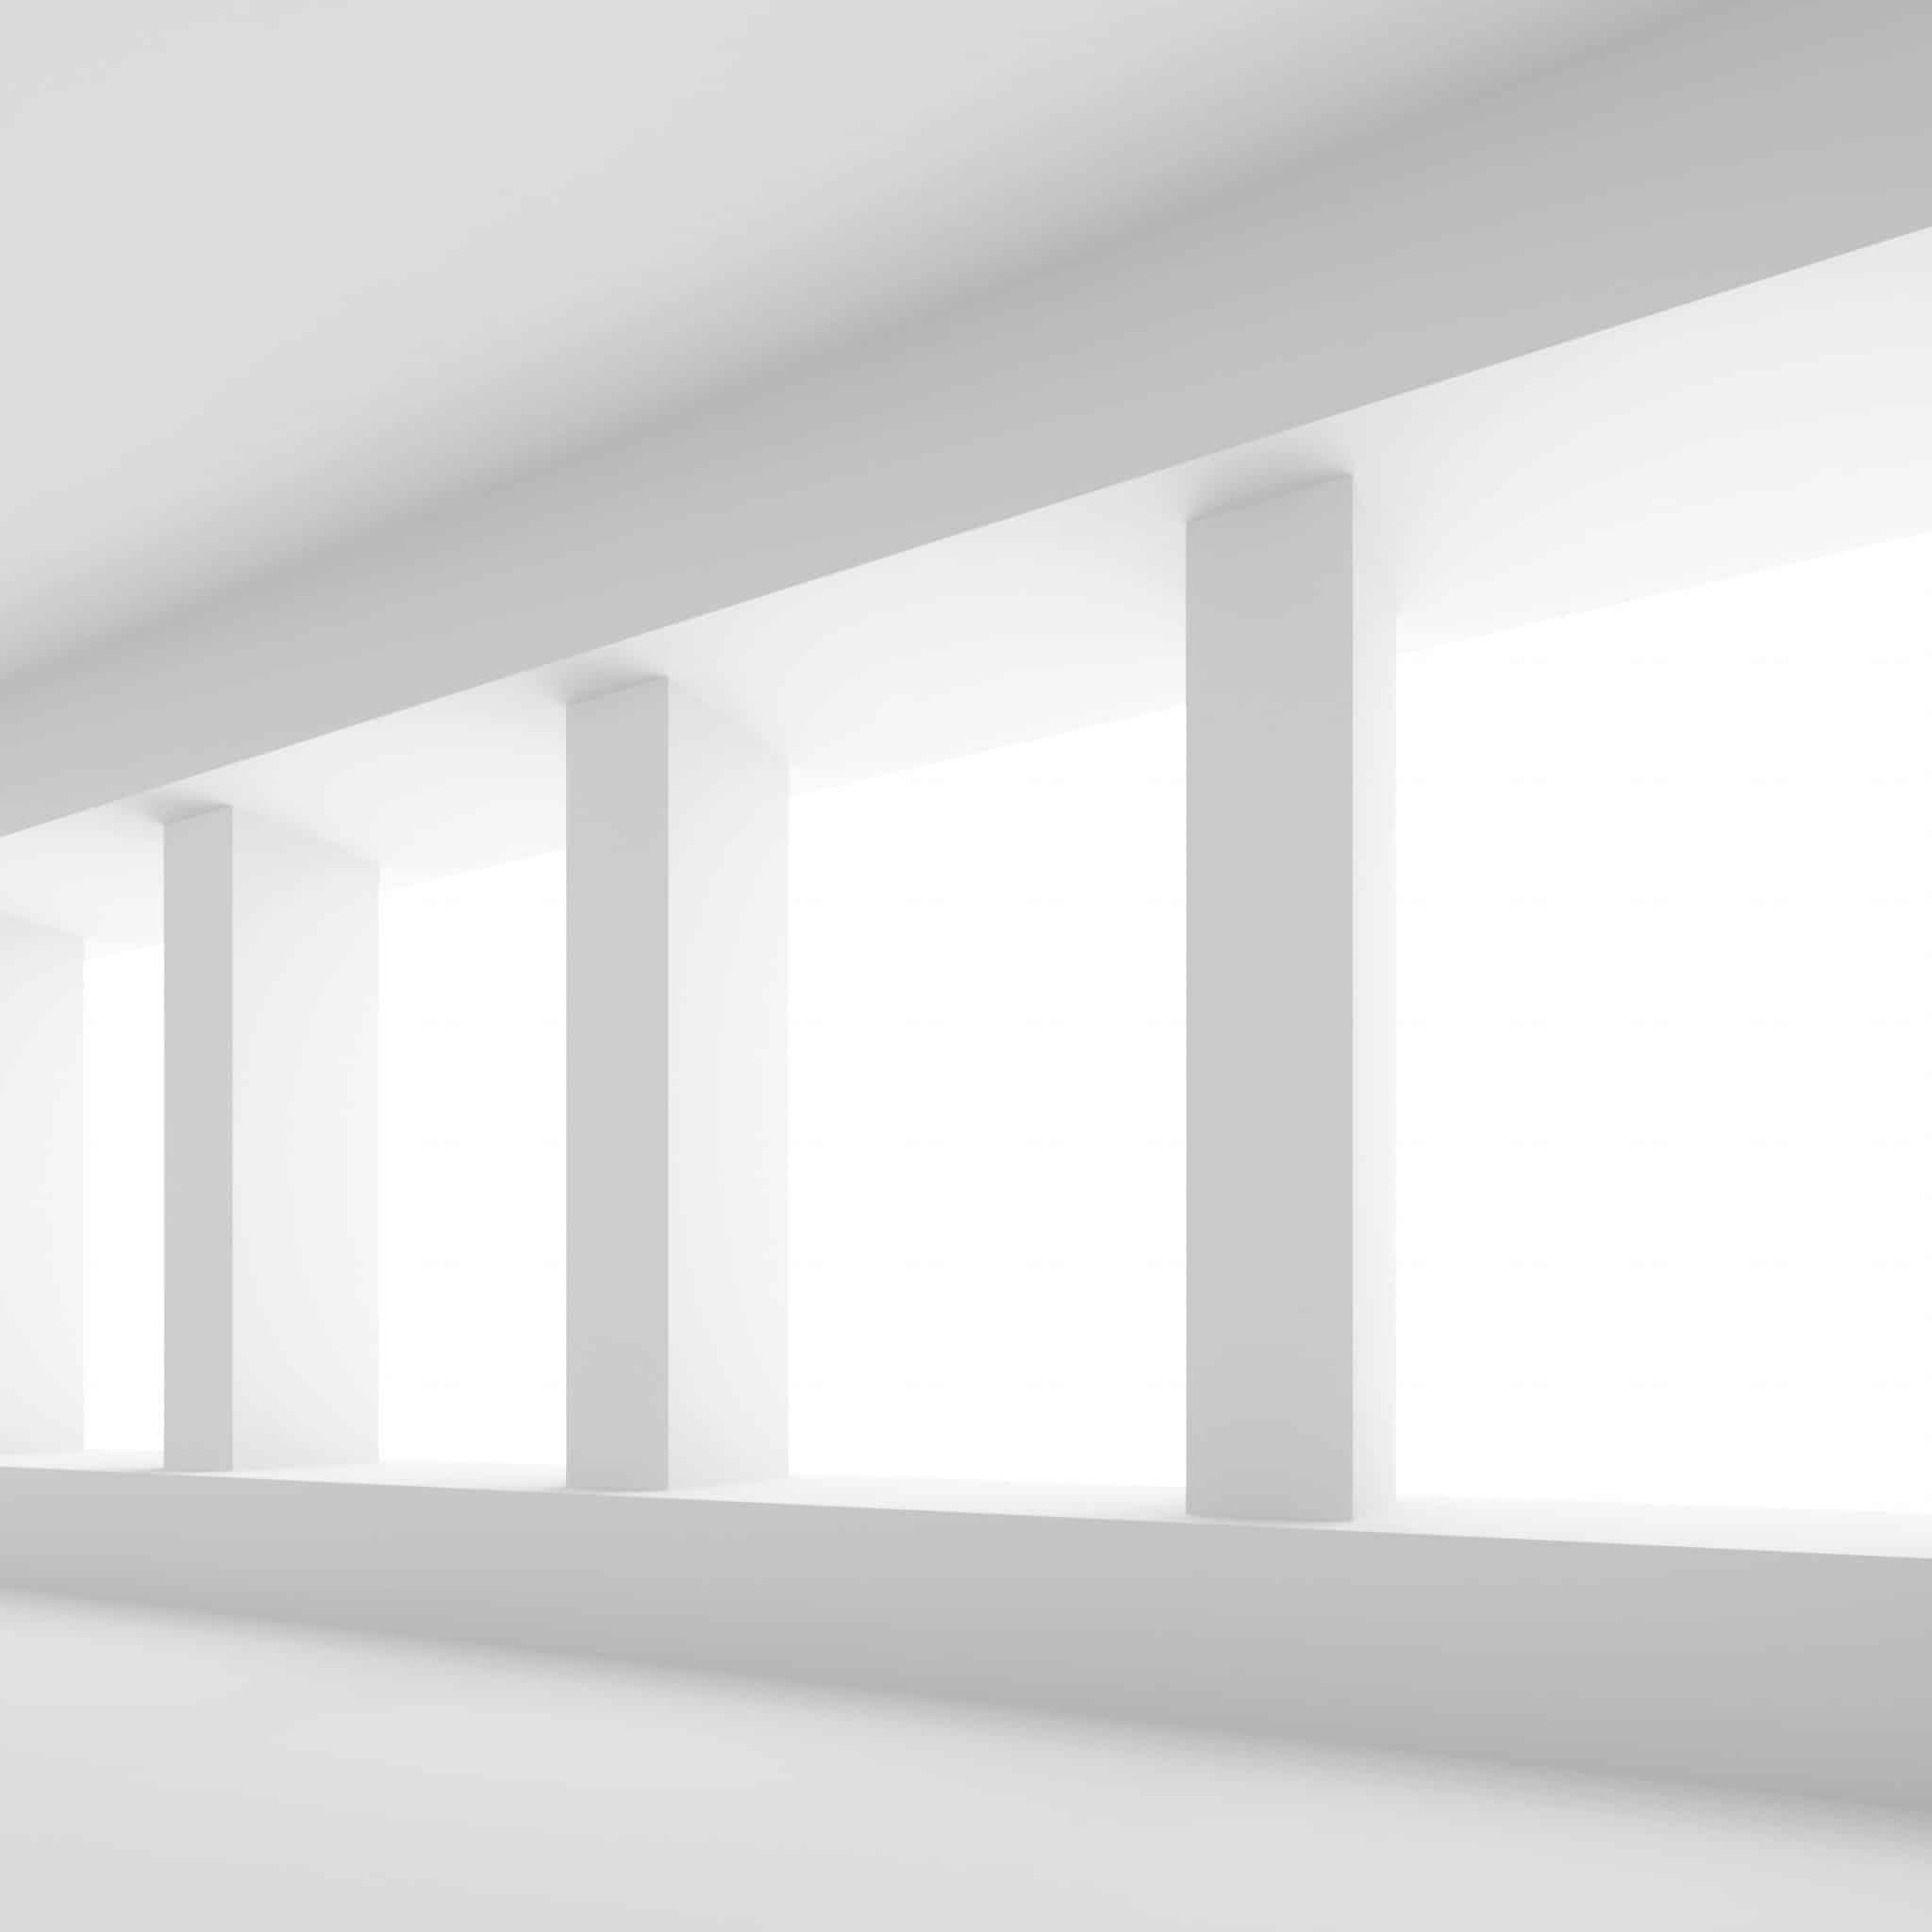 Ingeniería y diseño - Panel de policarbonato